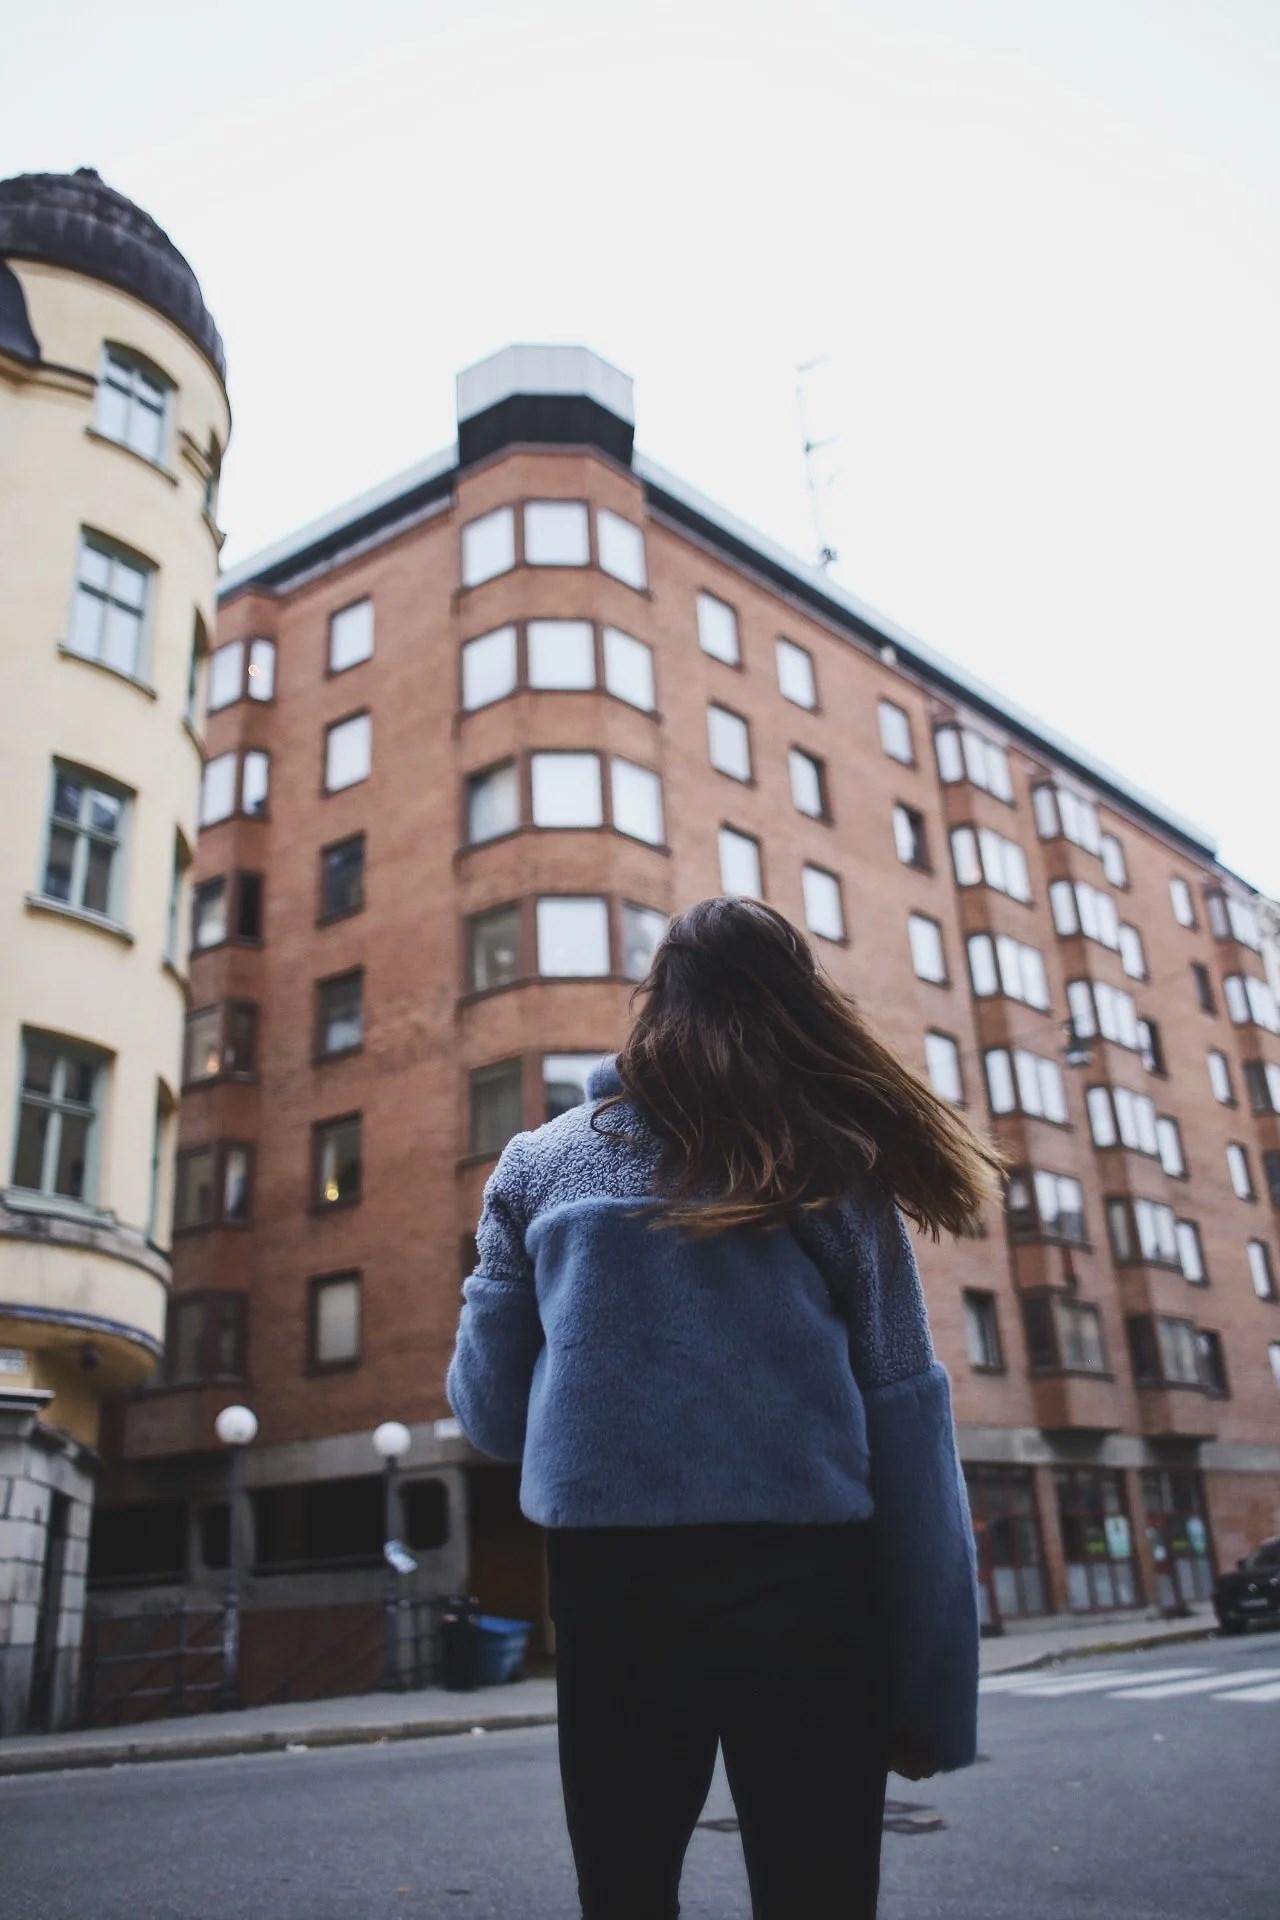 Pivo x Cityshoppari: ilmaista kahvia ja 999 muuta syytä ladata Pivo puhelimeesi. | LiisaKivi